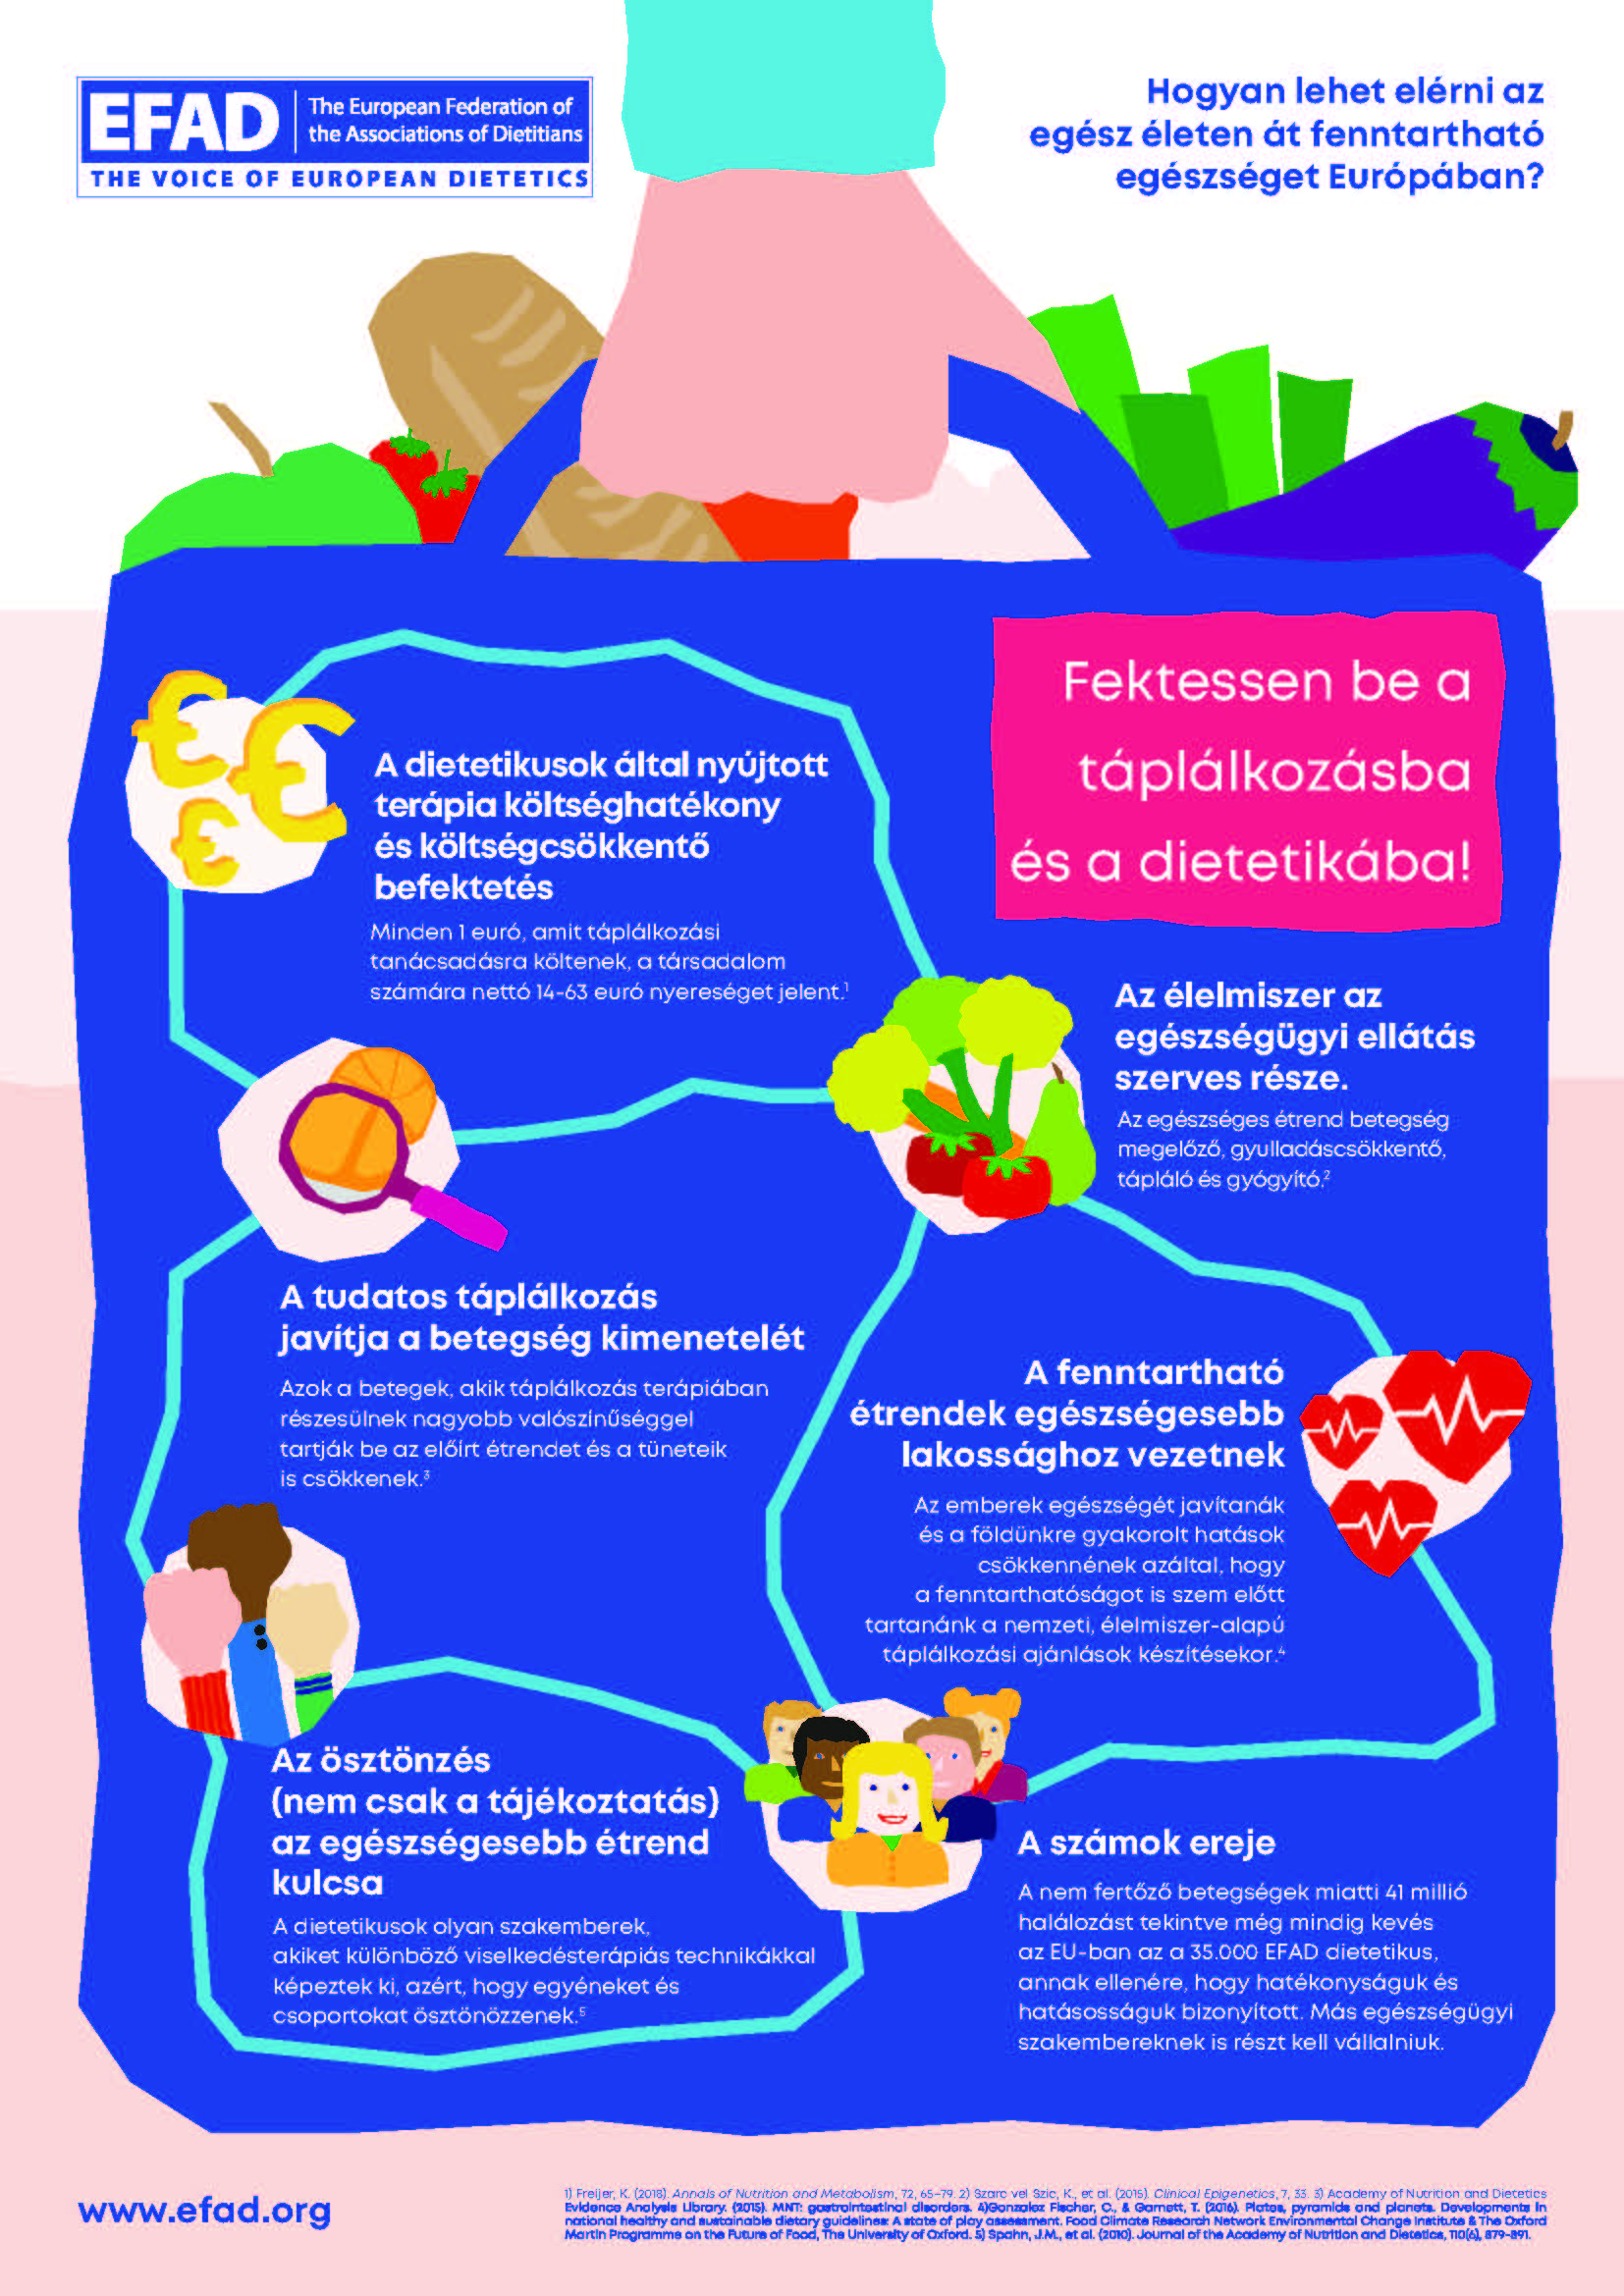 Hogyan lehet elérni az egész életen át fenntartható egészséget Európában?